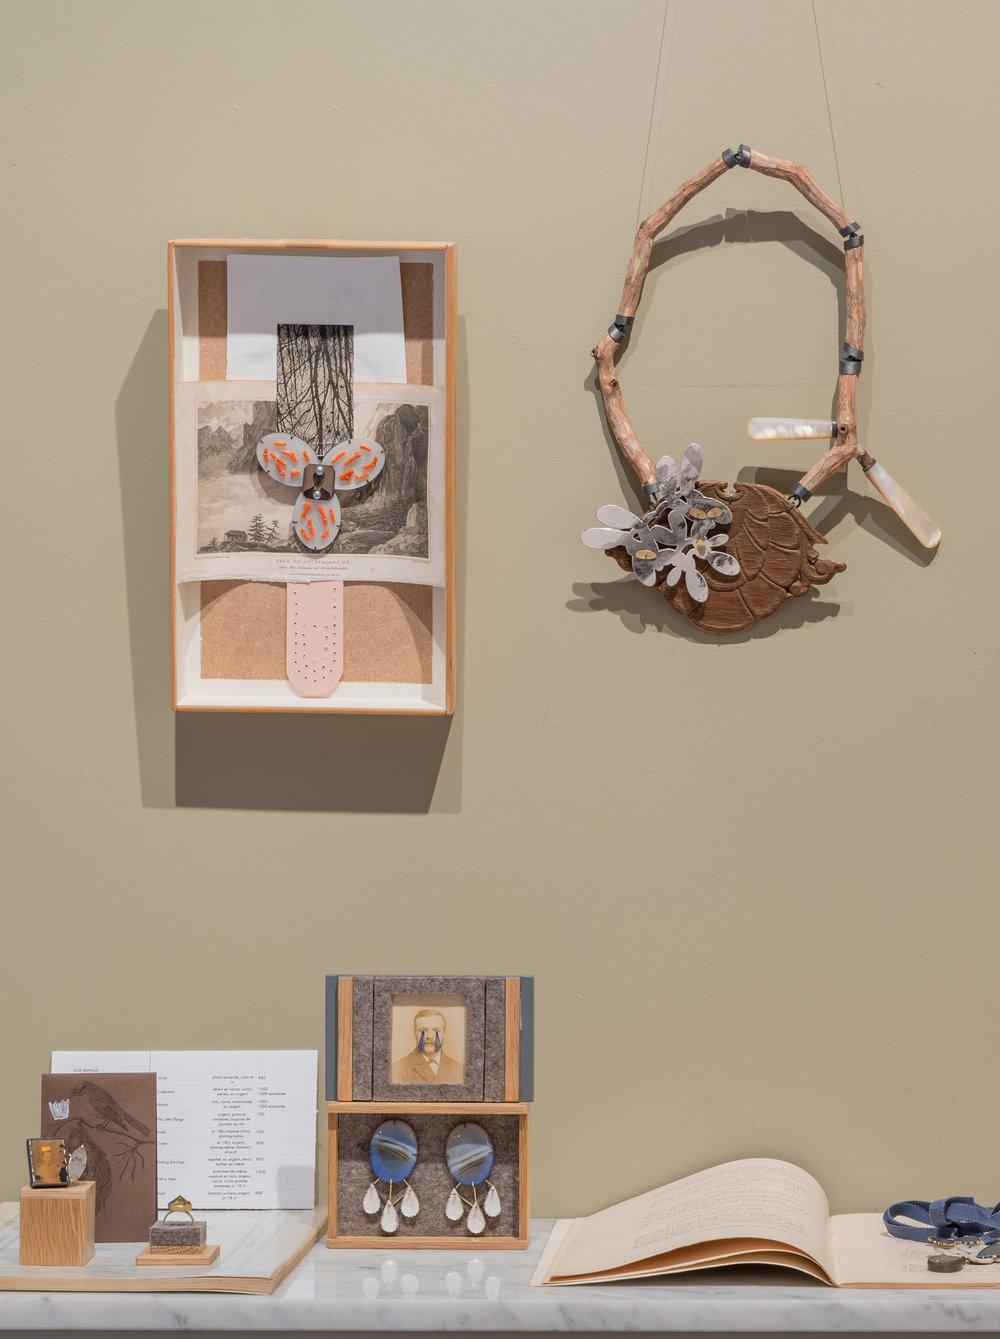 exposition-papier1-5.jpg